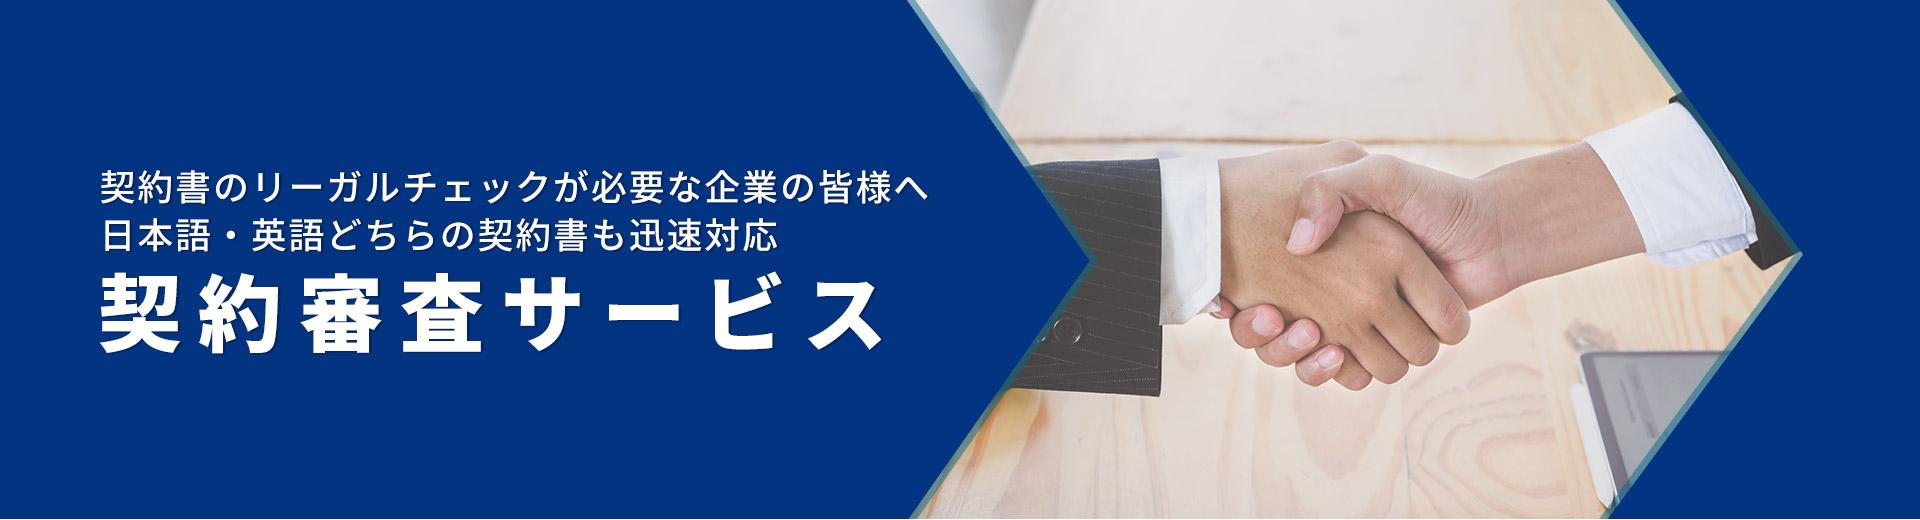 今までに無いスピードとコストを実現、国際案件の経験豊富な弁護士がAIを活用し新しいサービスを展開 英文契約書の作成     チェックが必要な企業の皆様へ AI翻訳 × 弁護士レビュー(弁護士 小野 智博 東京弁護士会所属)